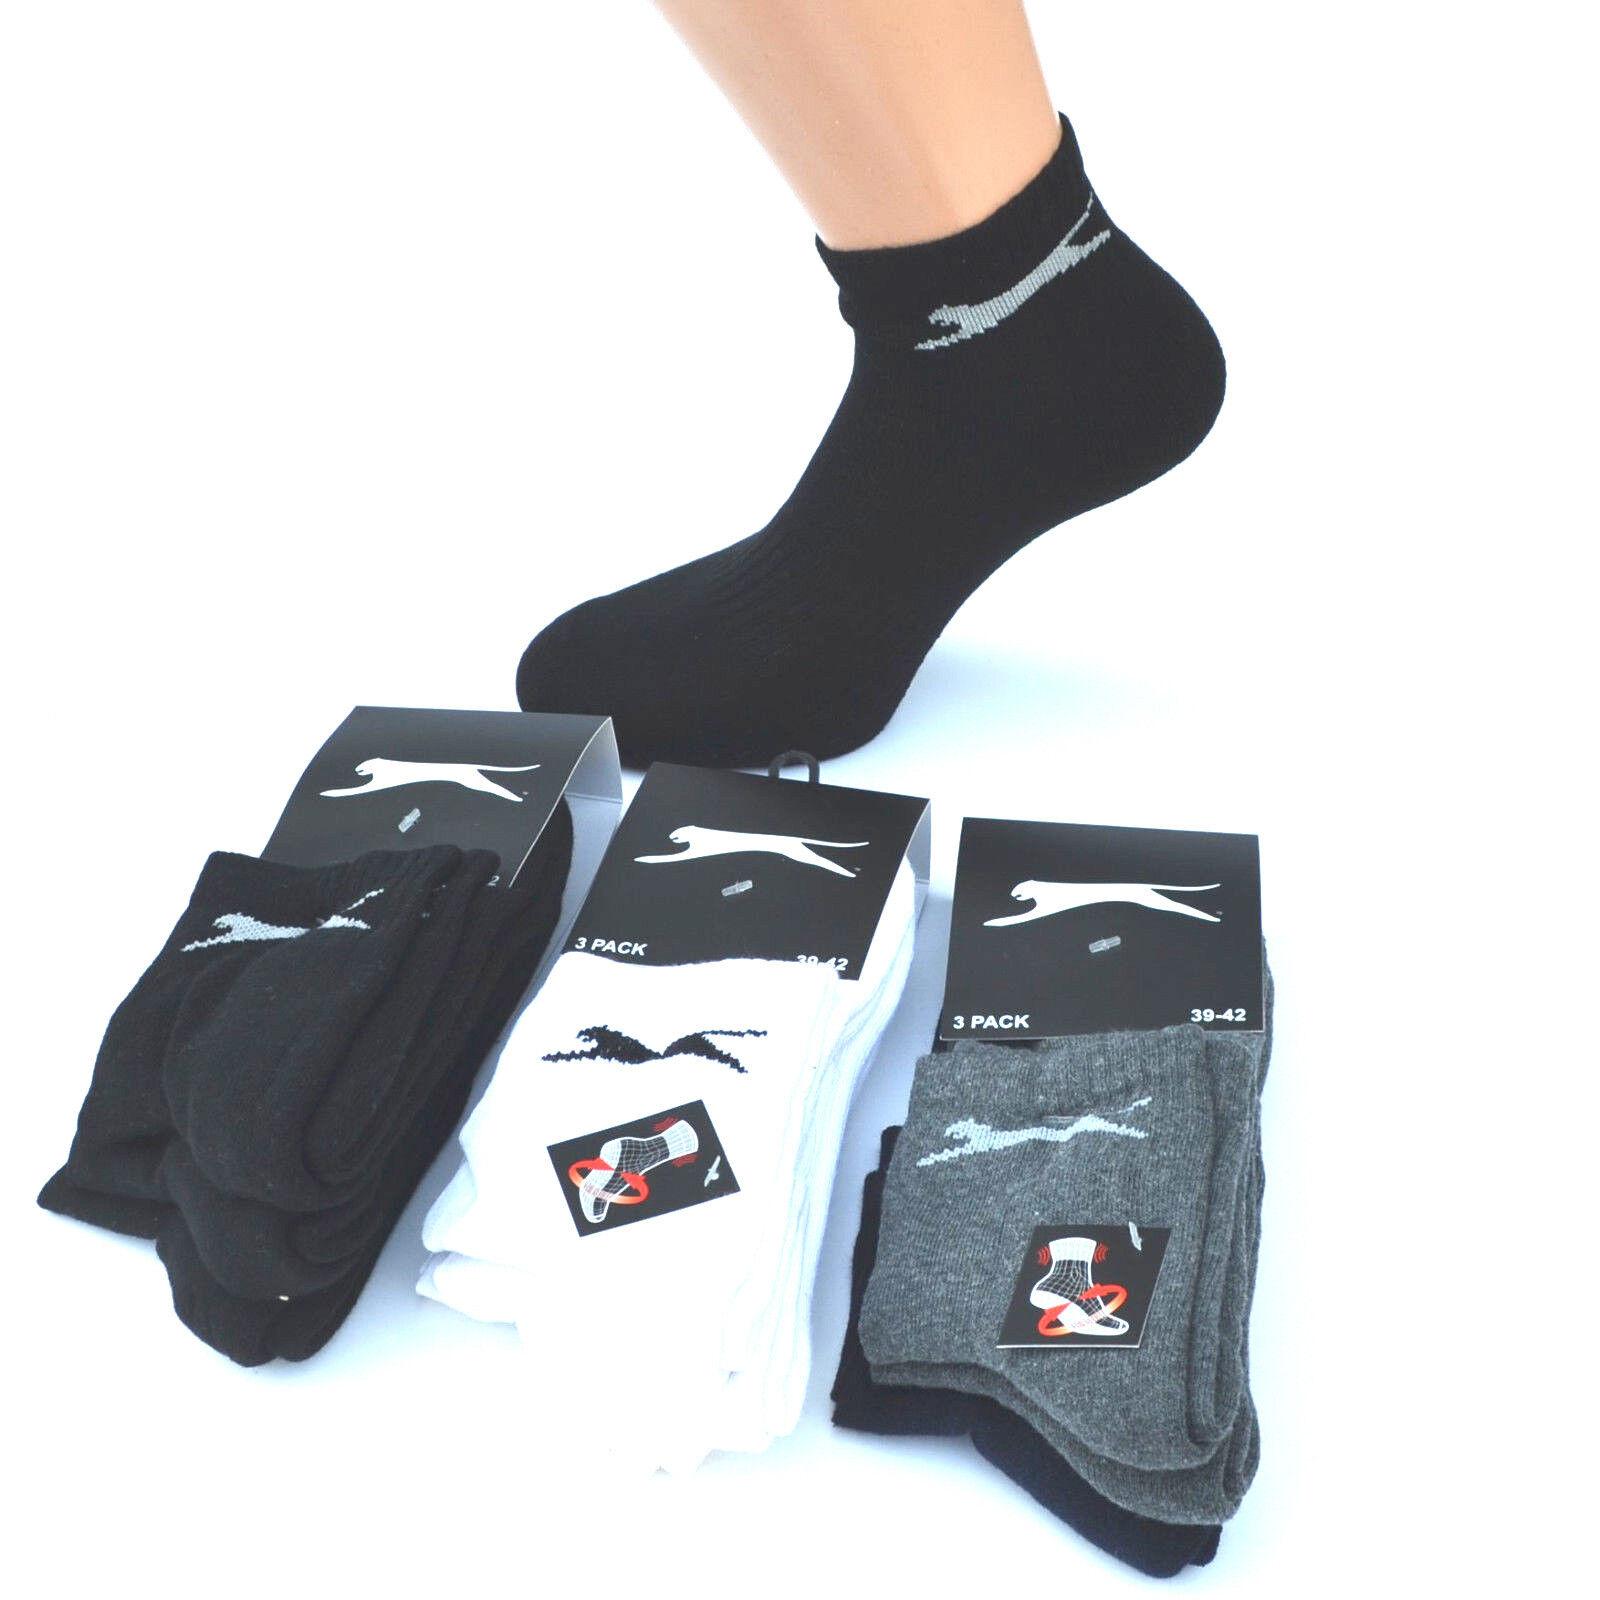 Slazenger Laufsocken Sportsocken Running Quaters Socks Socken 35-46 Herren Damen